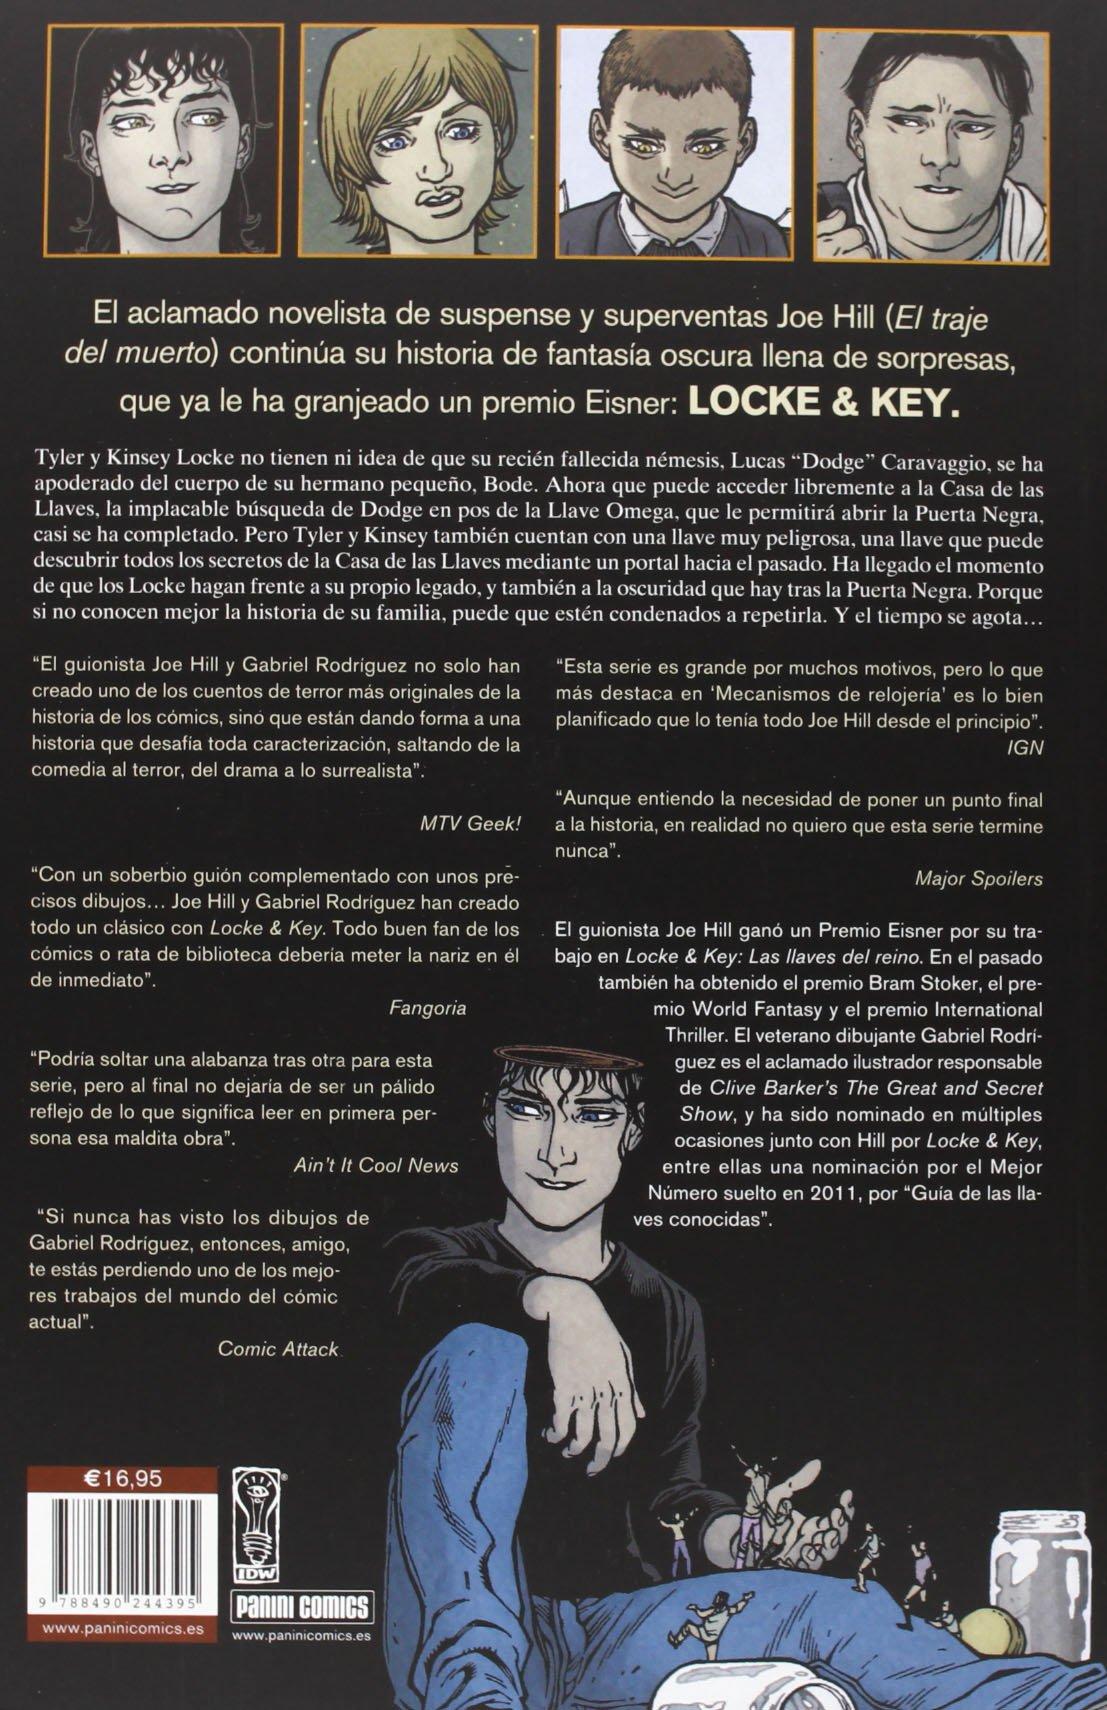 Locke & Key 5. Mecanismos De Relojería 100% Cult Comics ...